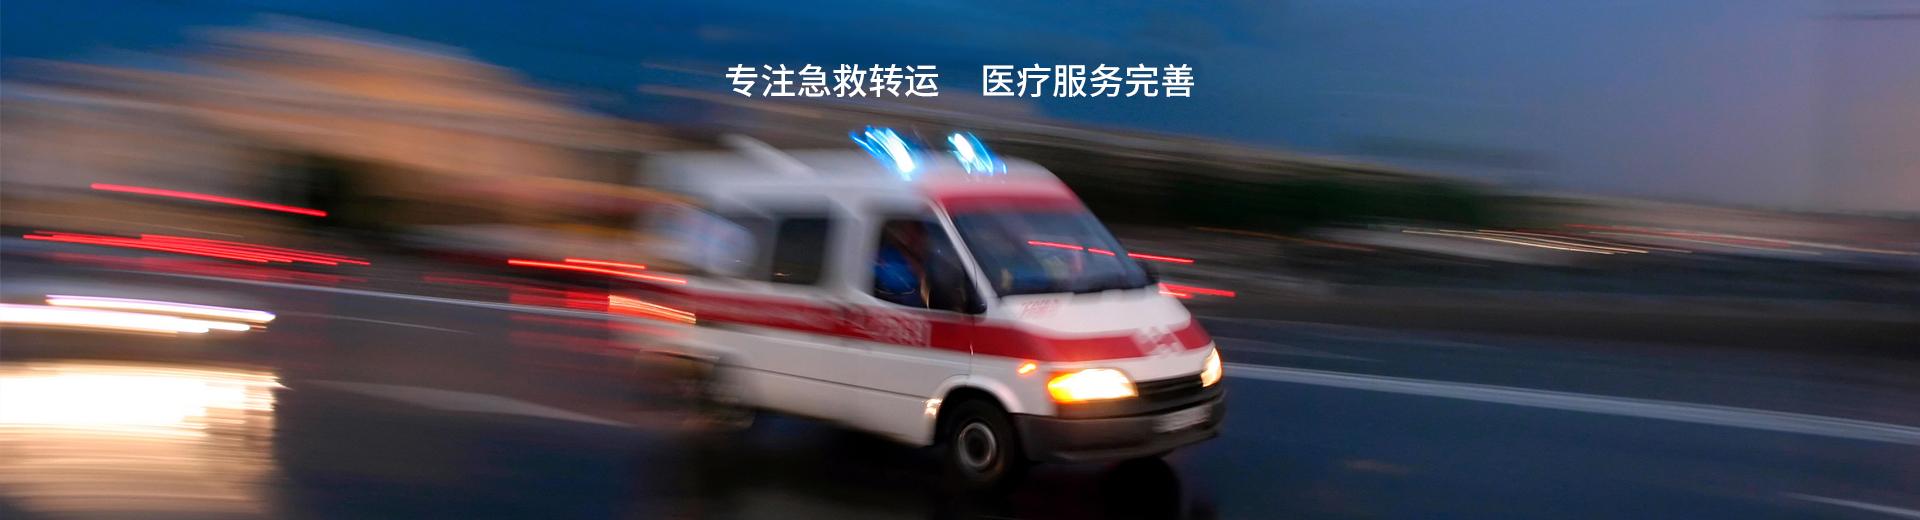 救护车转院出租